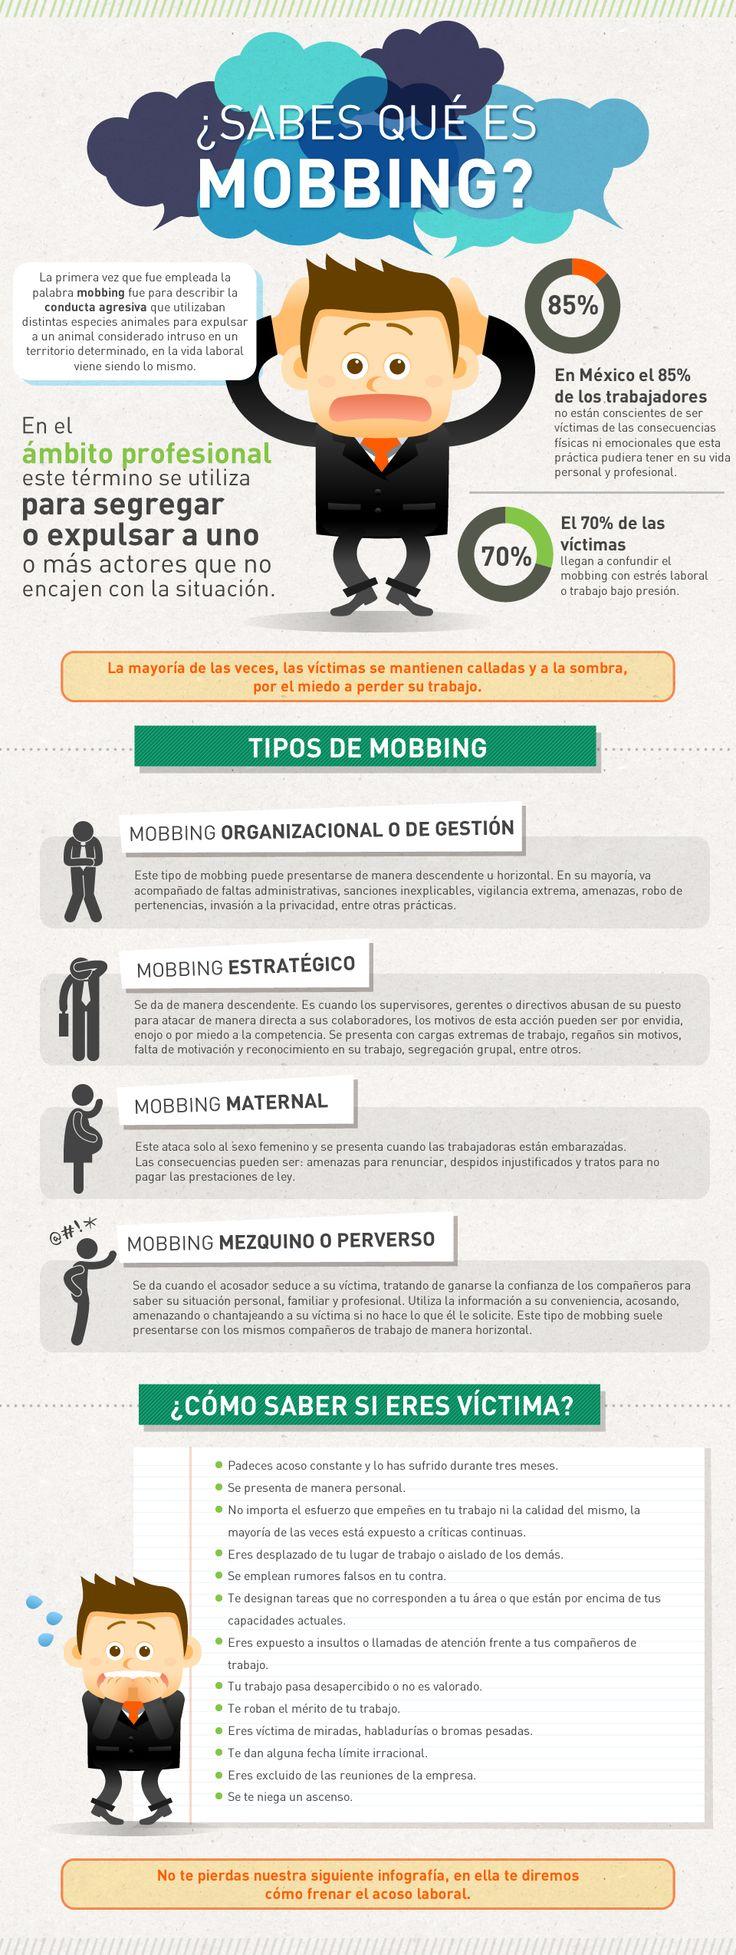 ¿Sabes qué es el #Mobbing? ¿Cómo saber si eres víctima de este problema? #Trabajo #ClimaLaboral